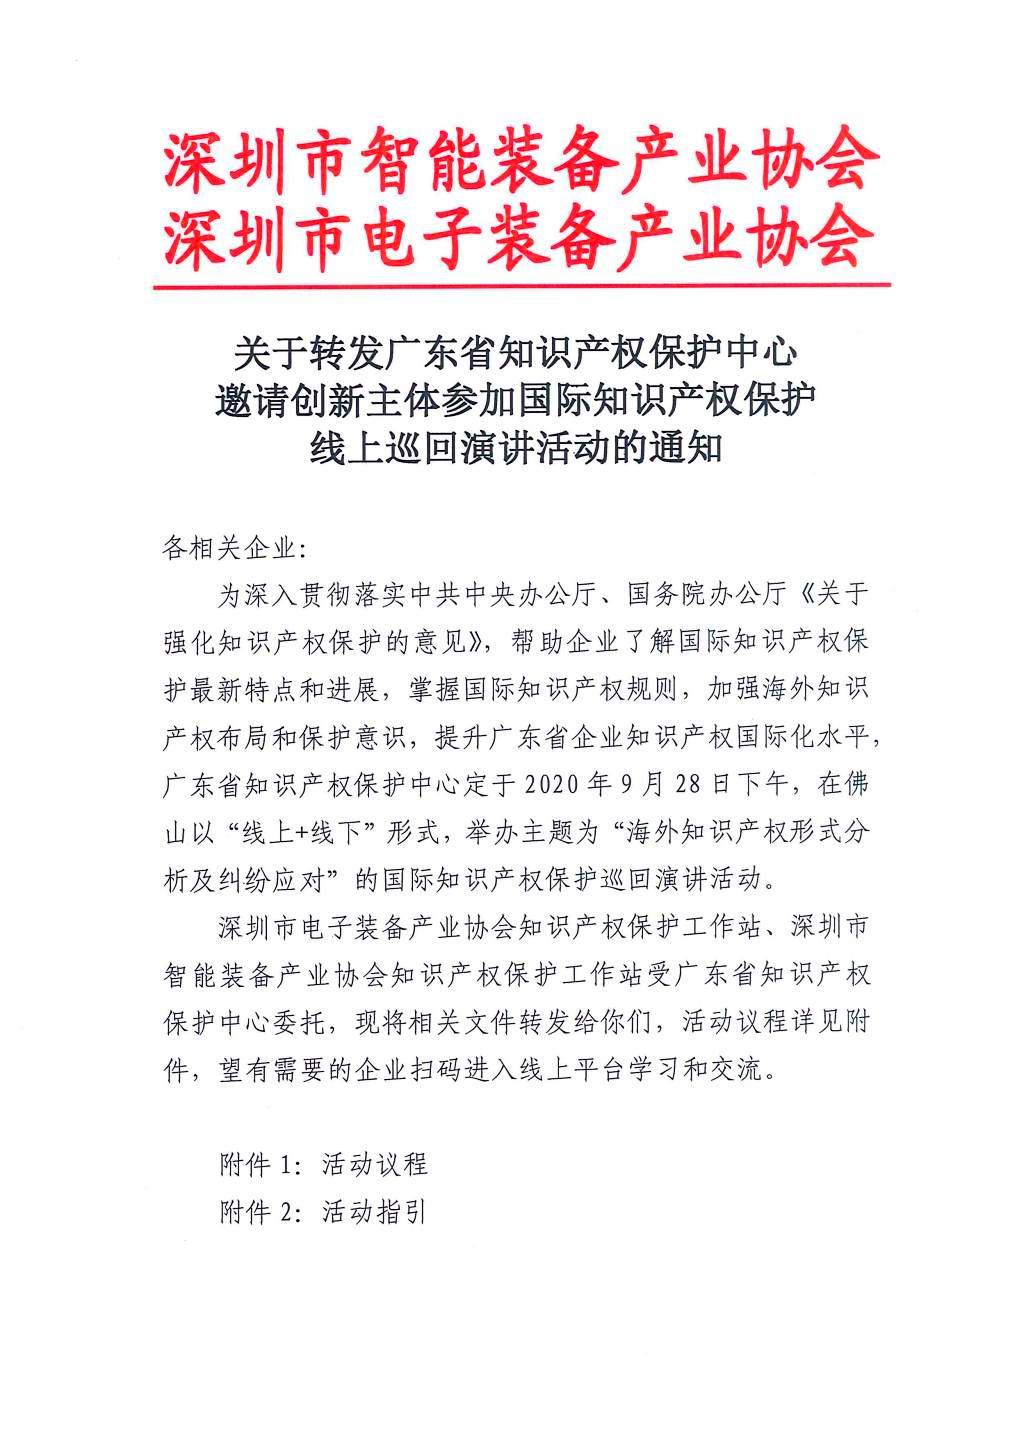 关于转发广东省知识产权保护中心邀请创新主体参加国际知识产权保护线上巡回演讲活动的通知(图1)